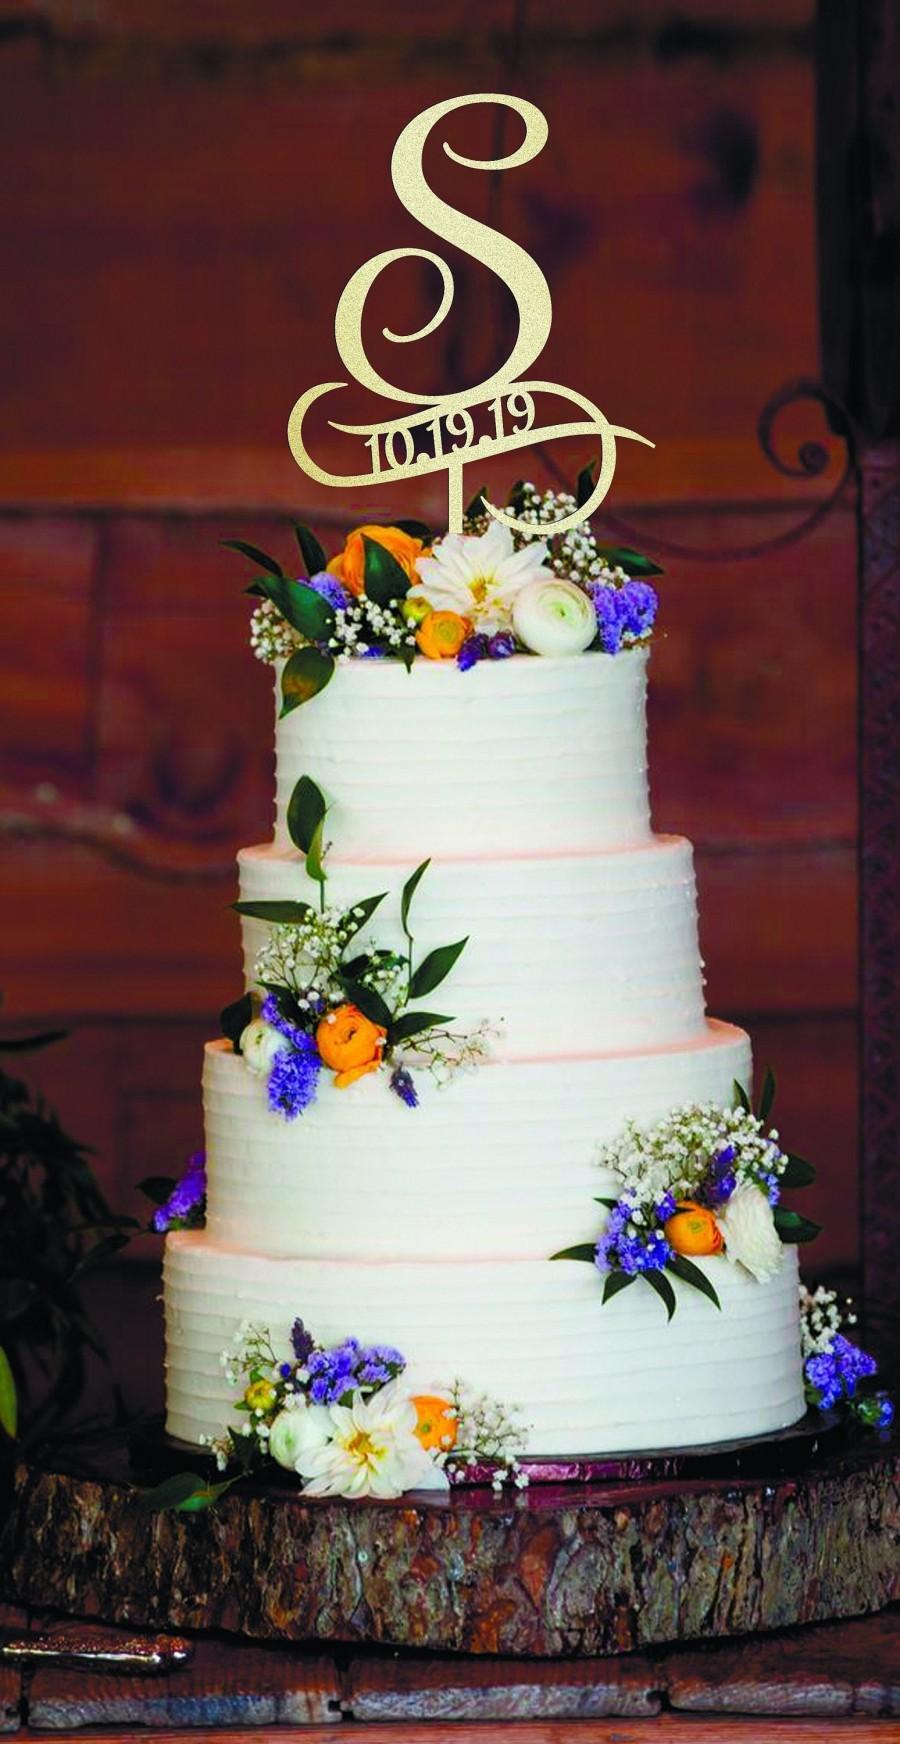 Hochzeit - Wedding Cake Topper S cake topper Wedding cake topper S Cake toppers for wedding Initial cake topper wood monogram cake topper ructic topper